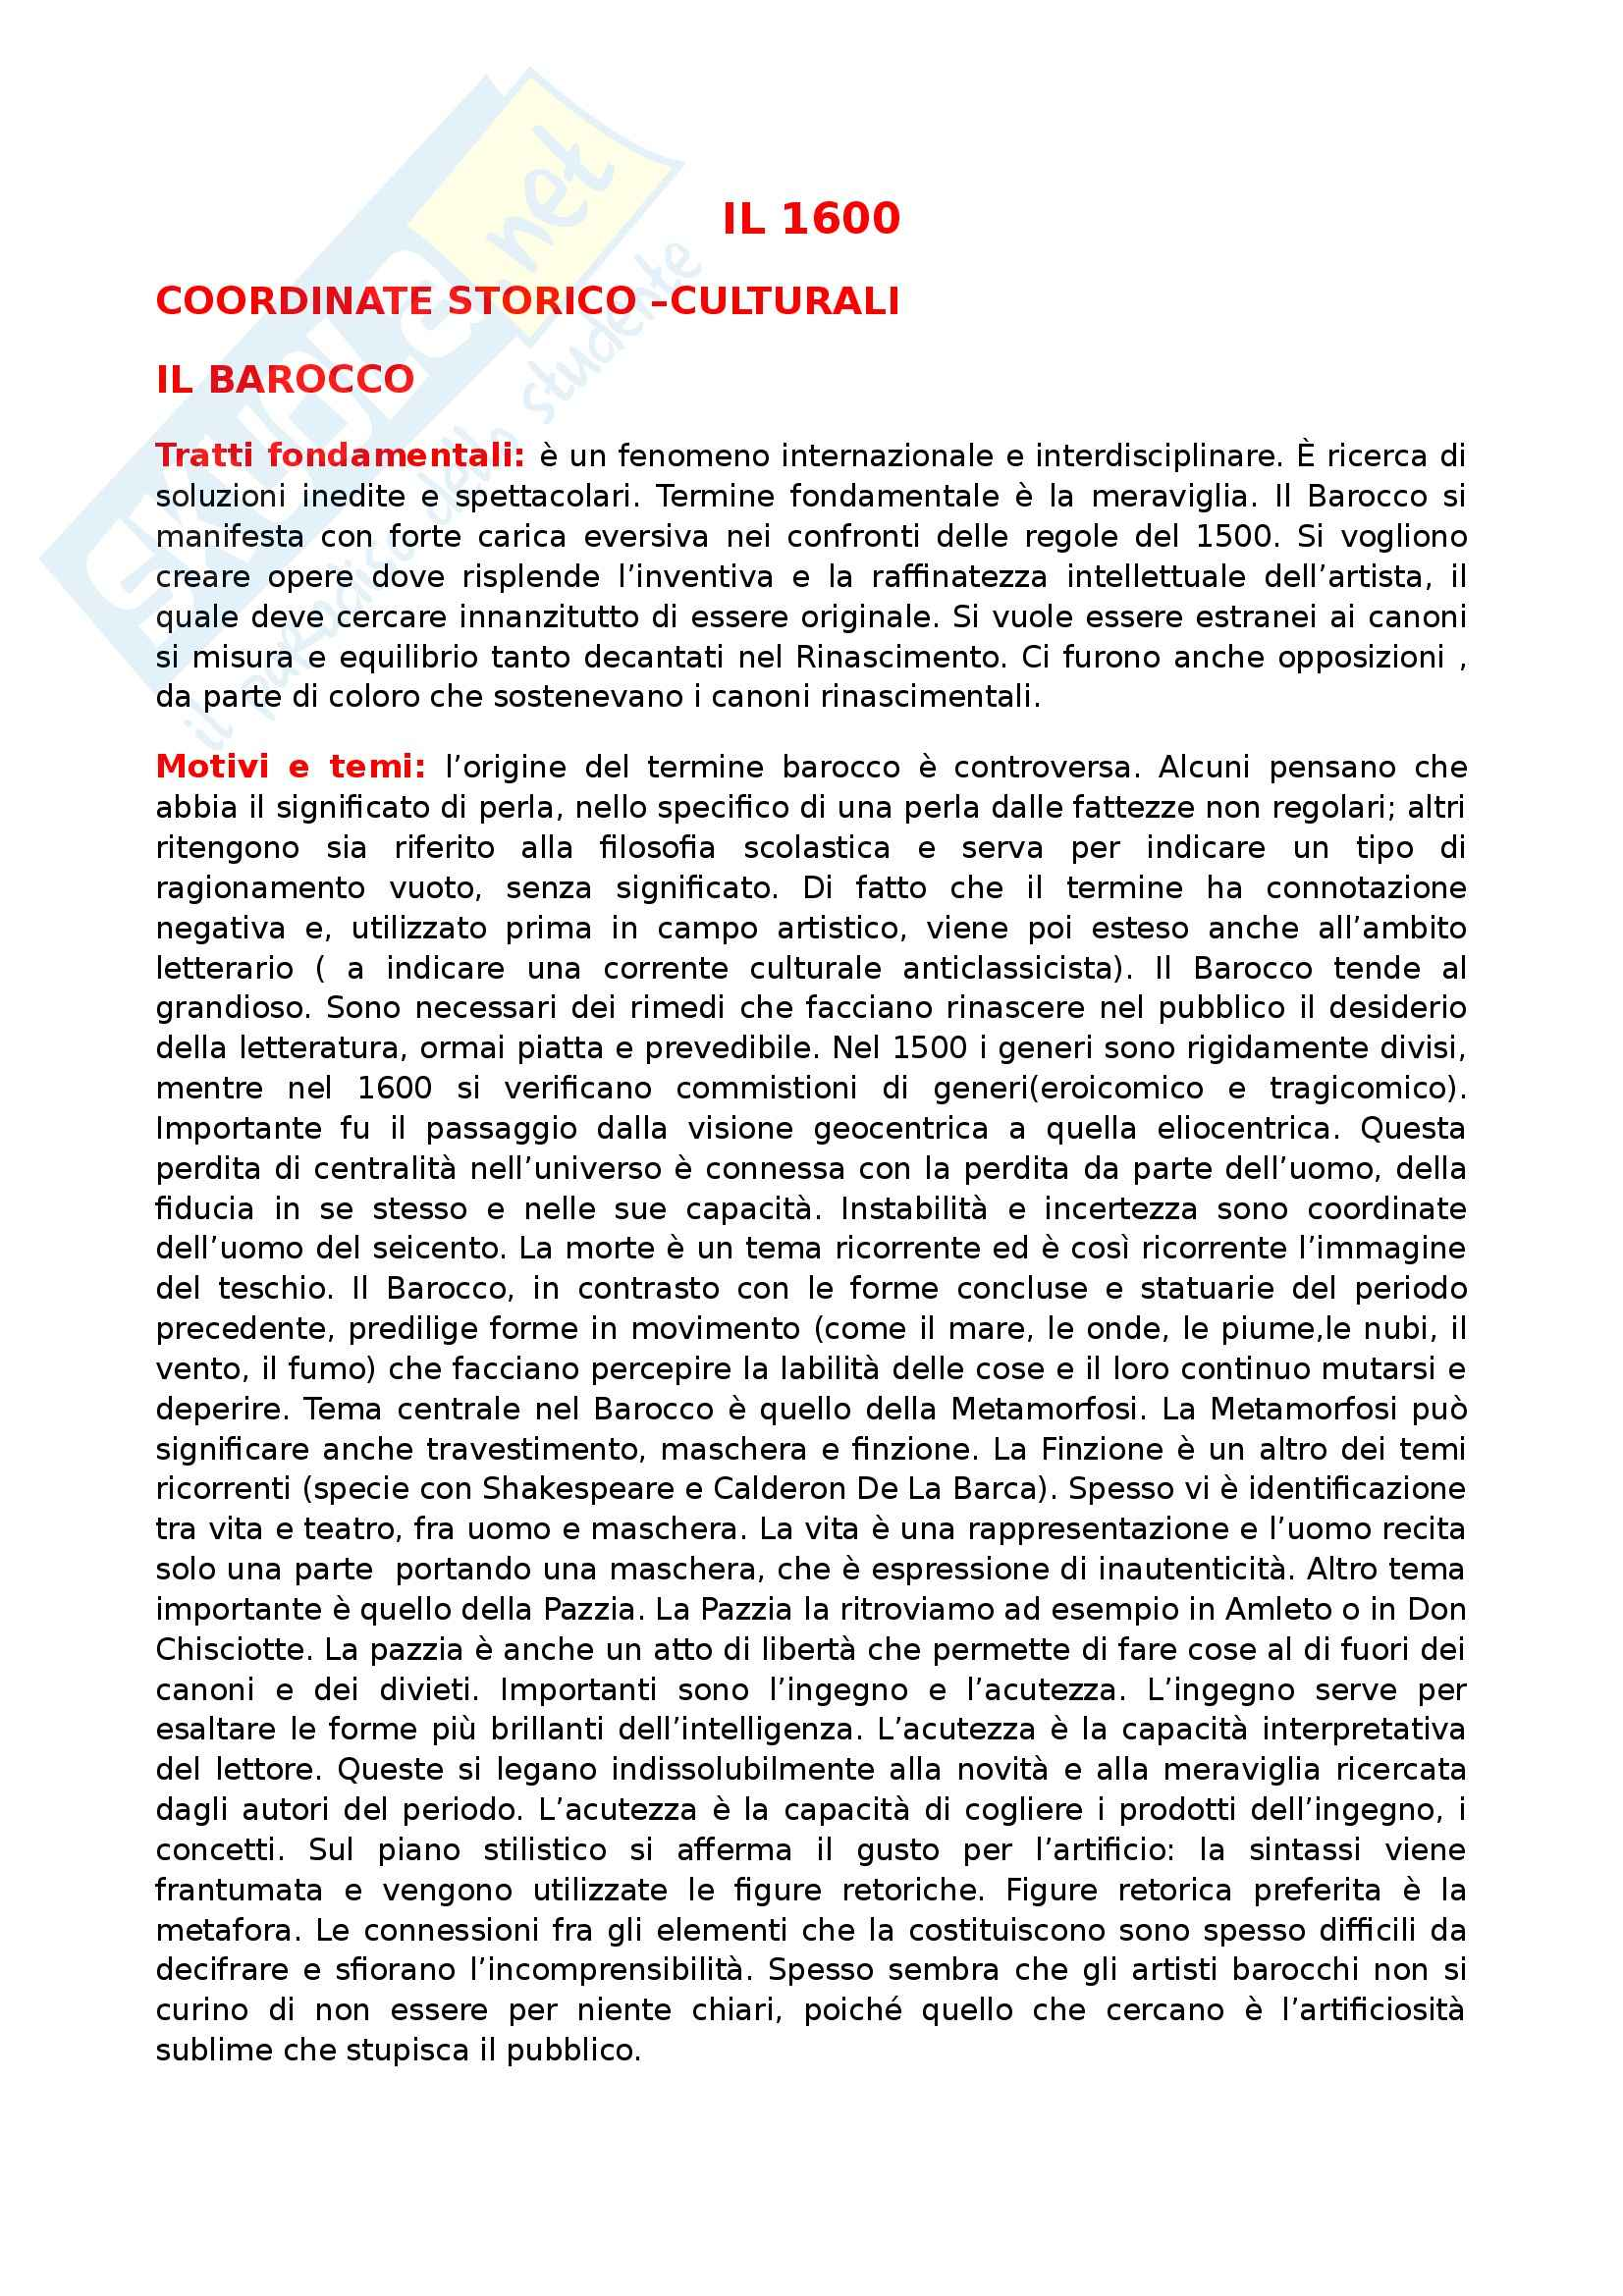 Letteratura italiana - Seicento